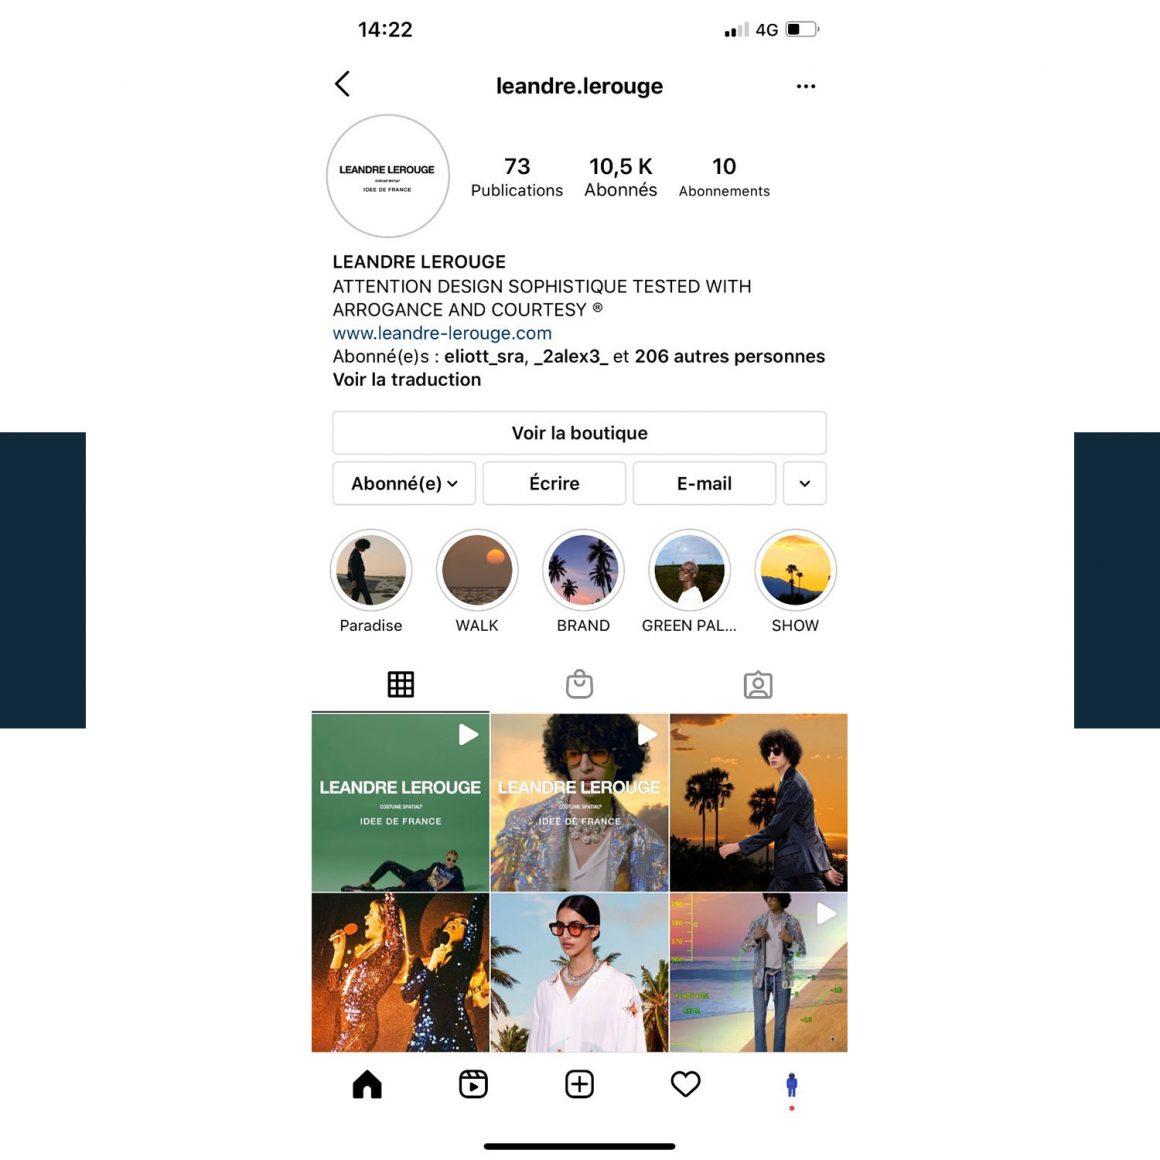 Capture d'écran du compte Instagram de la marque Leandre Lerouge